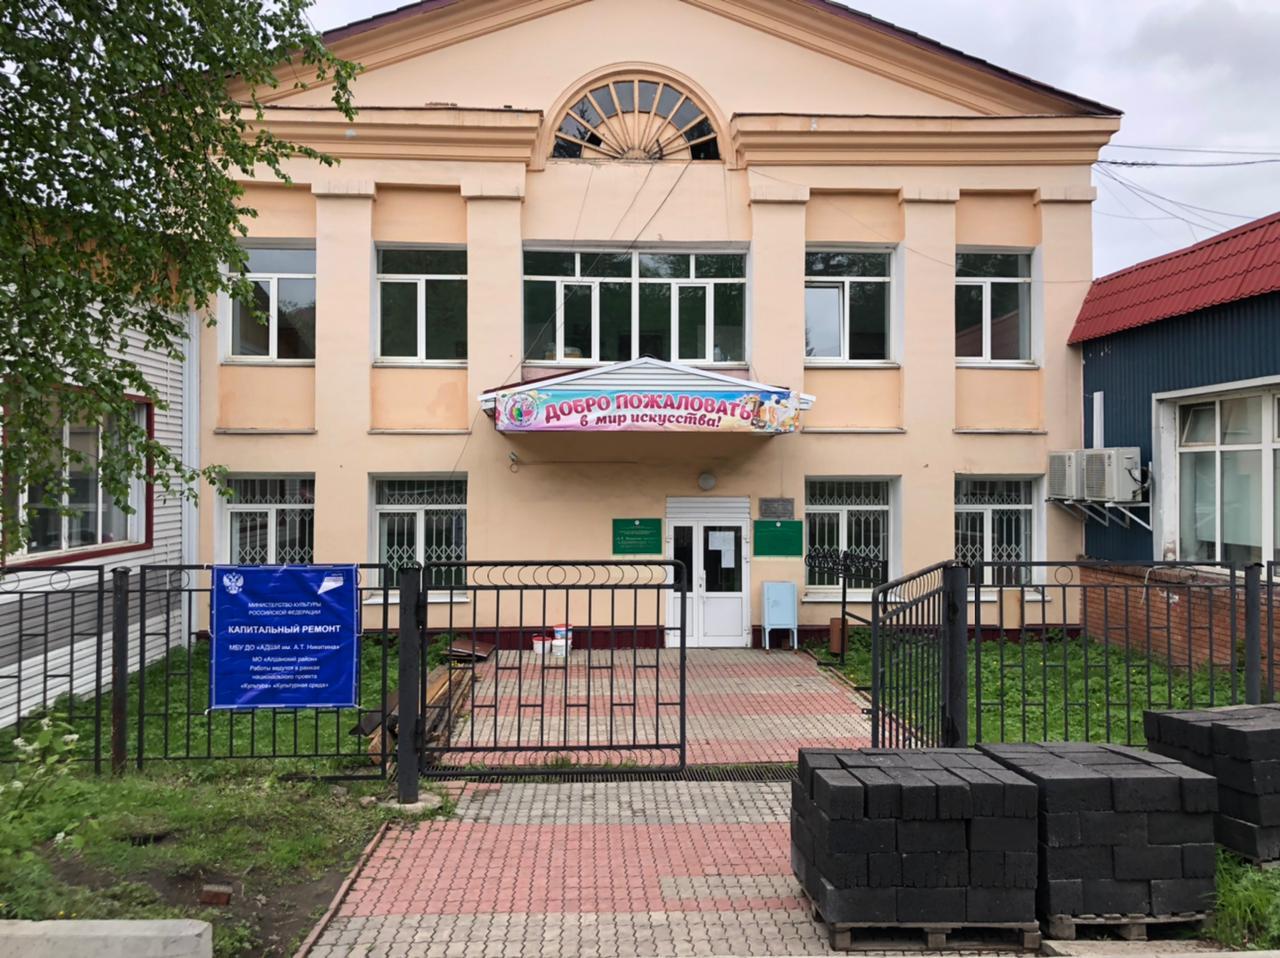 Ассоциация строителей АЯМ: Сотрудничество с Алданской школой искусств закреплено Соглашением о социальном партнерстве